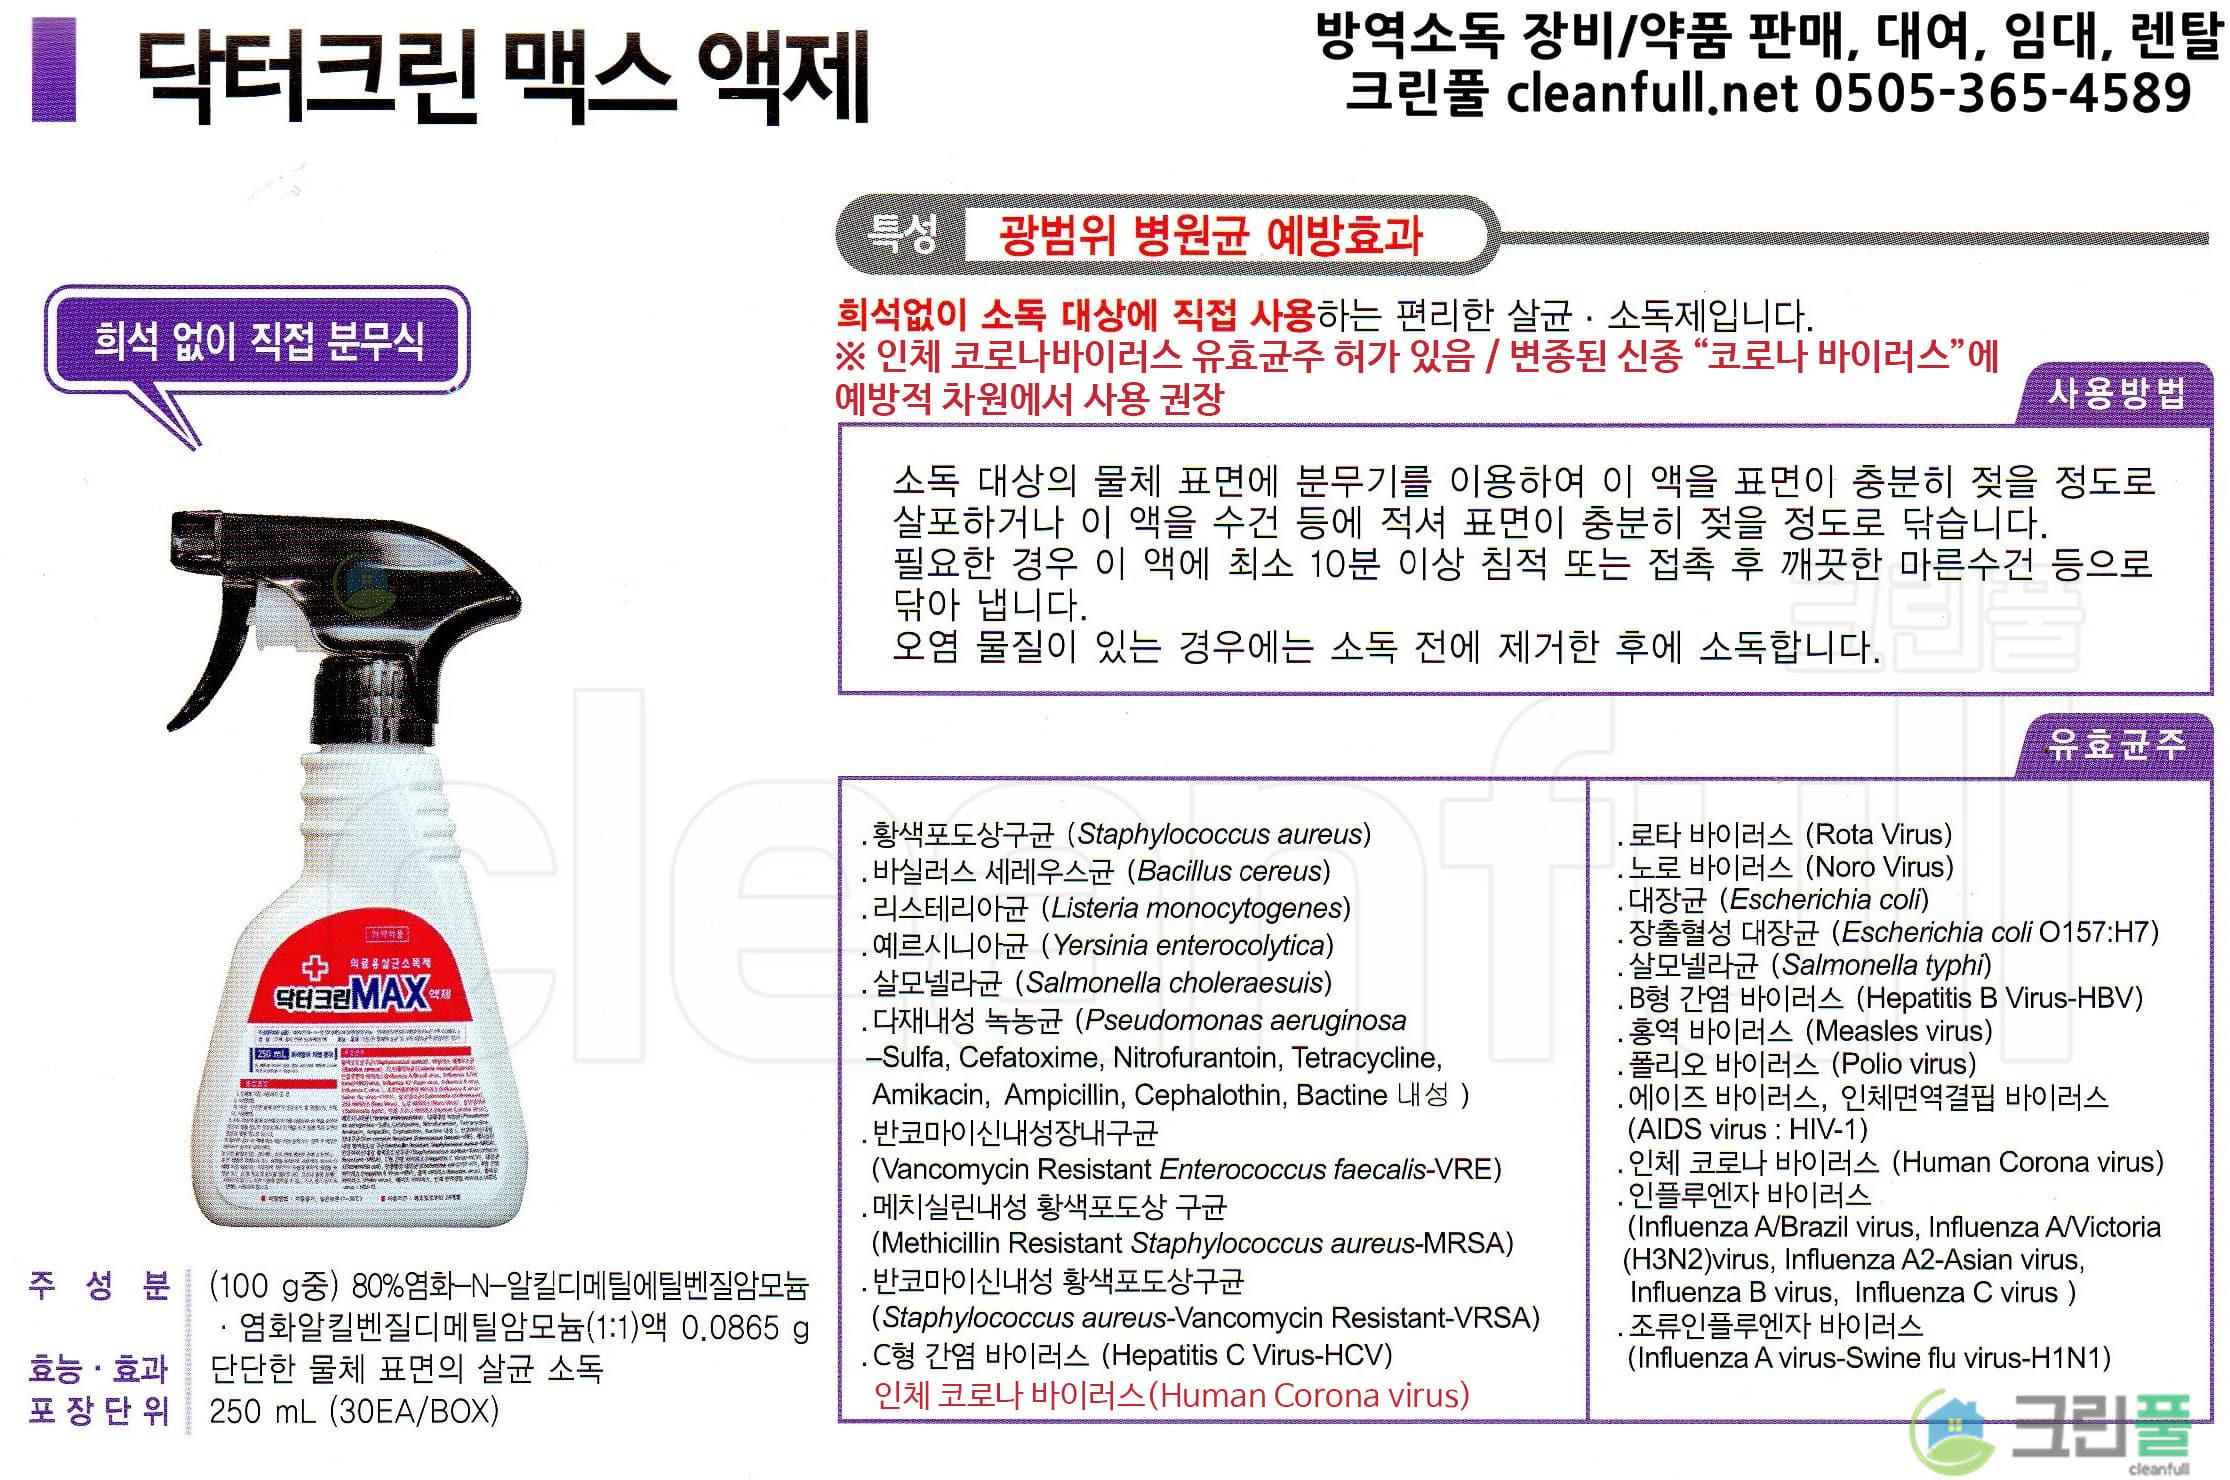 [카탈로그] 닥터크린맥스 250ml (닥터크린MAX액제)